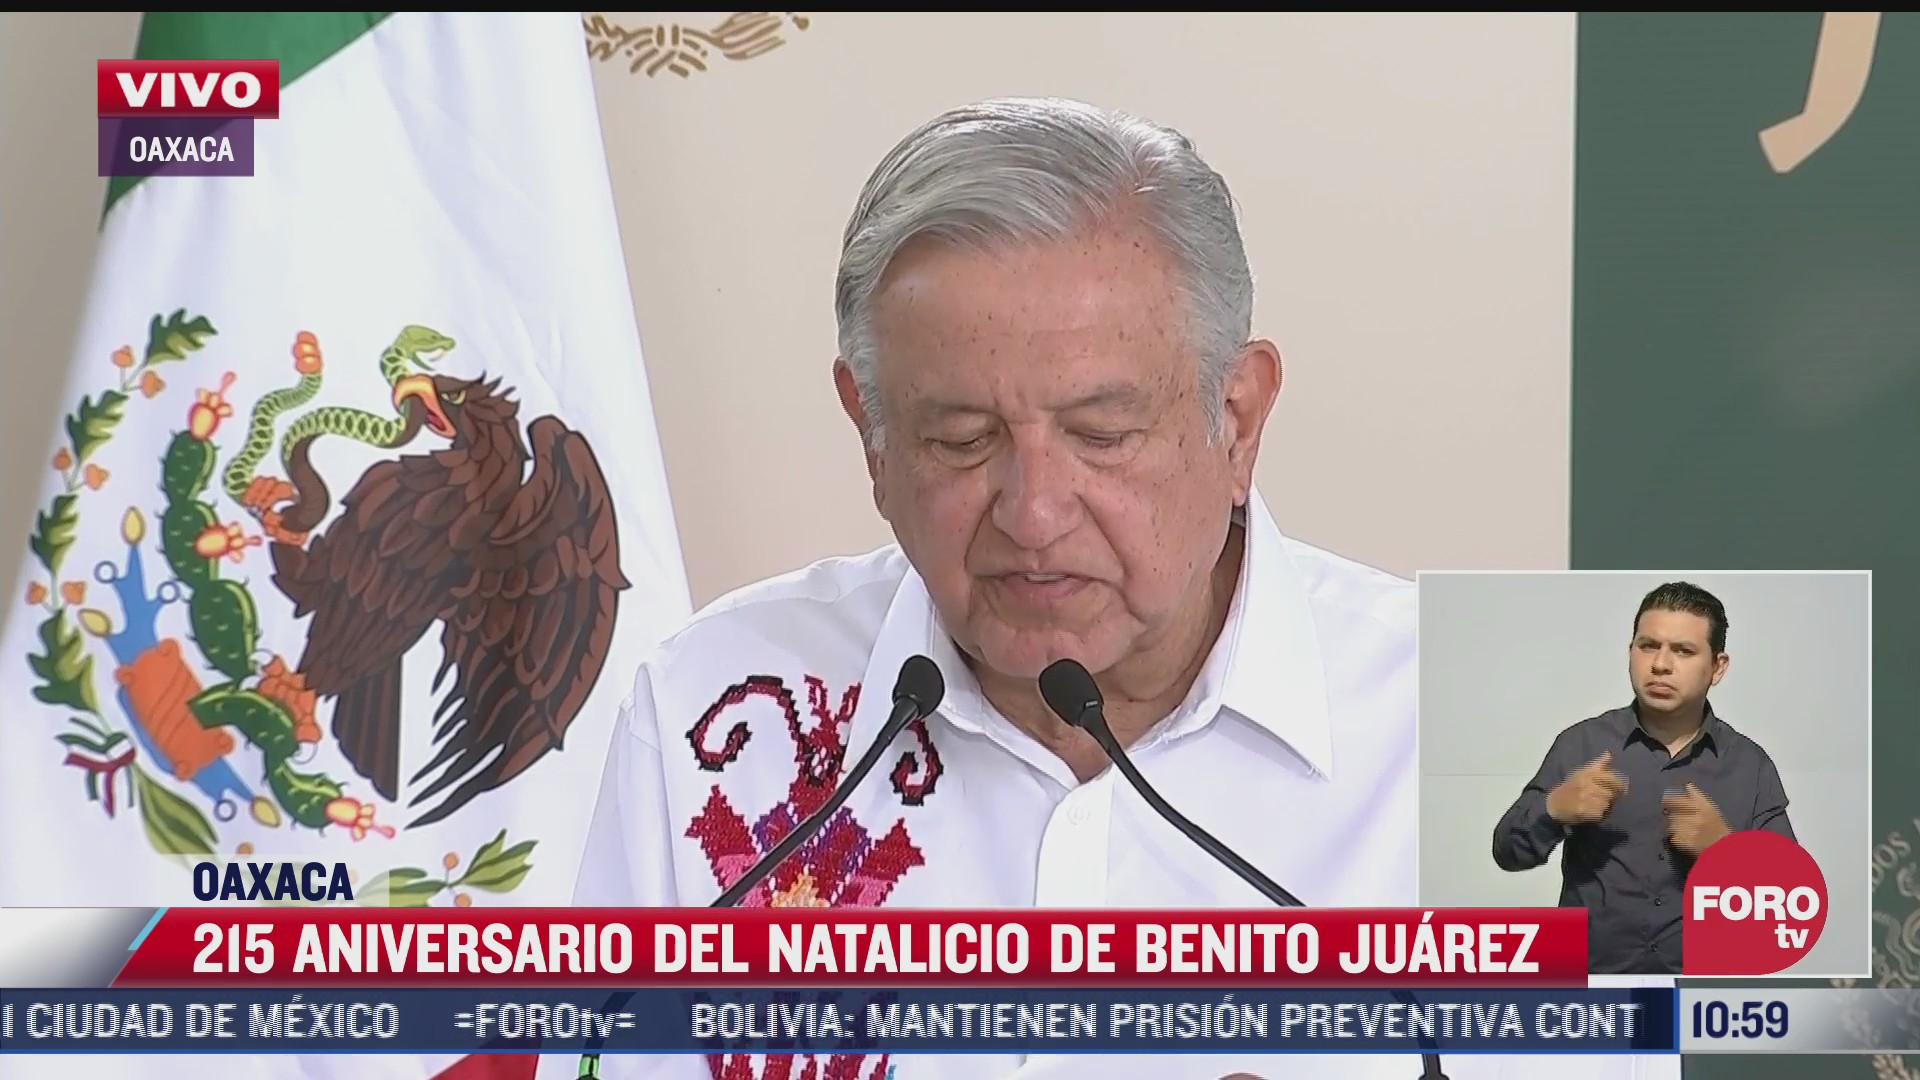 amlo encabeza ceremonia por 215 aniversario del natalicio de benito juarez